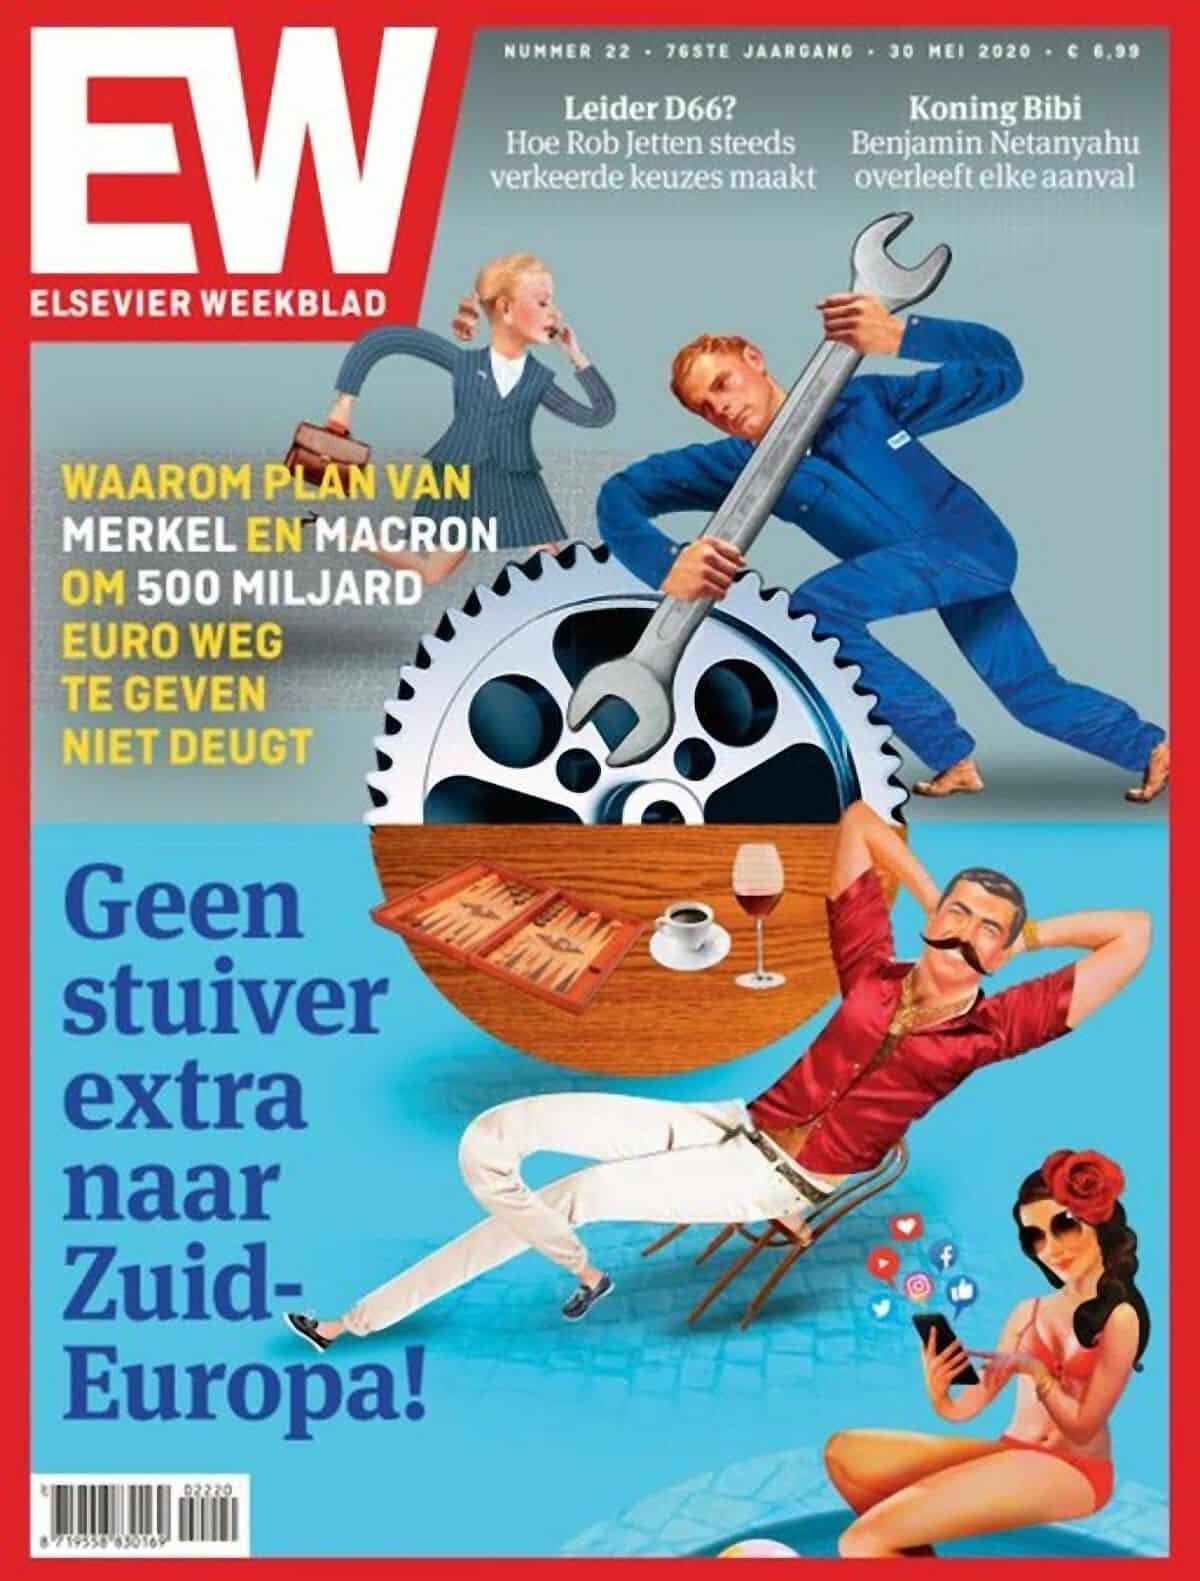 Italiani accusati di essere parassiti, la copertina vergognosa di un settimanale olandese